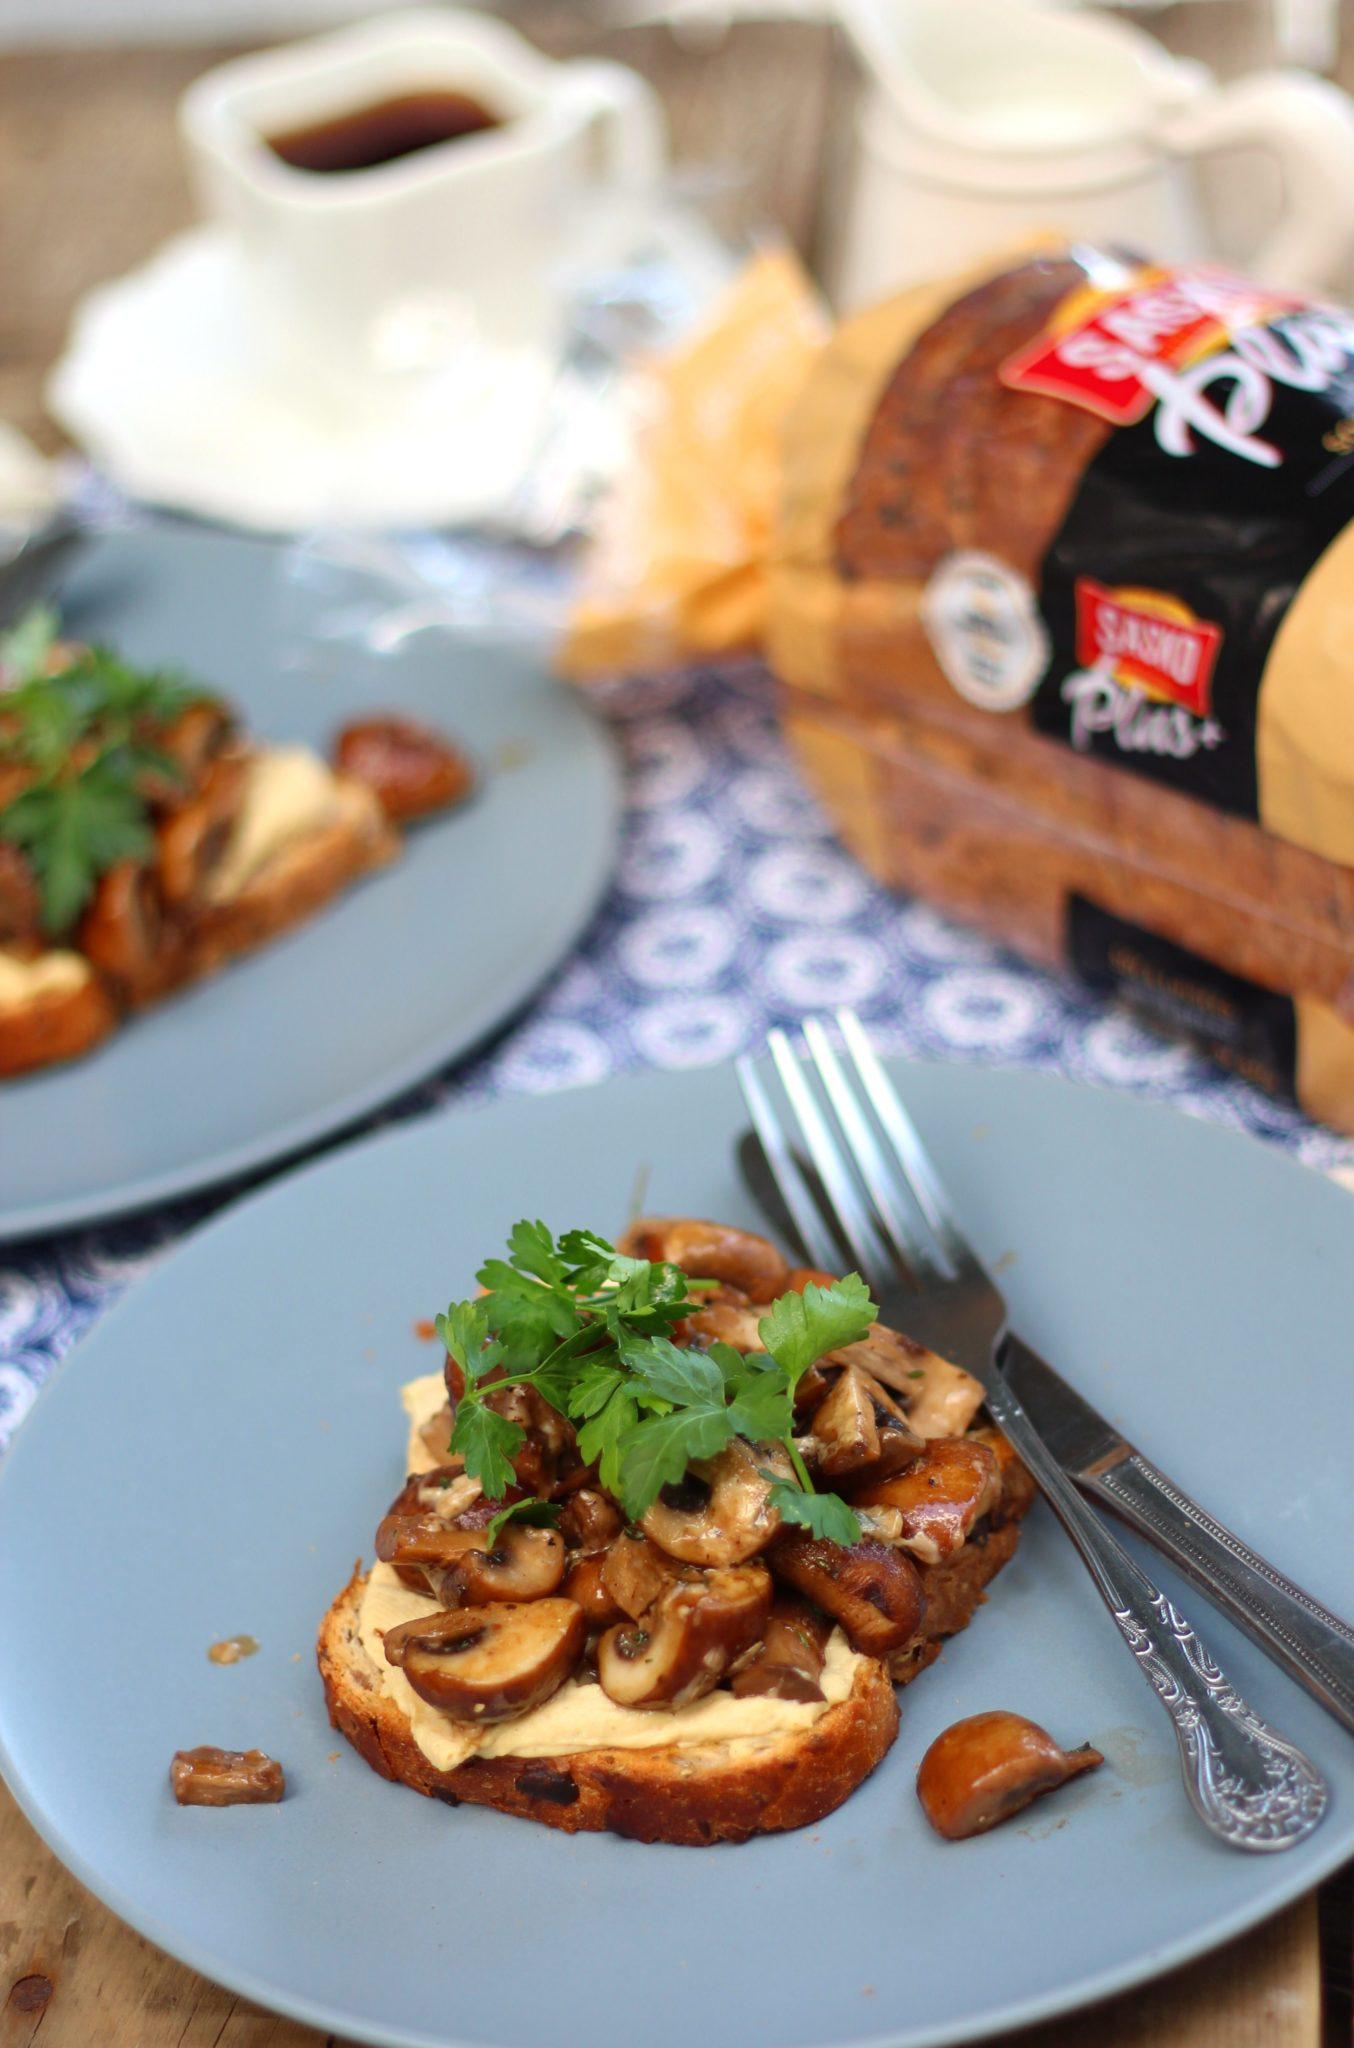 Mushrooms on toast|HarassedMom